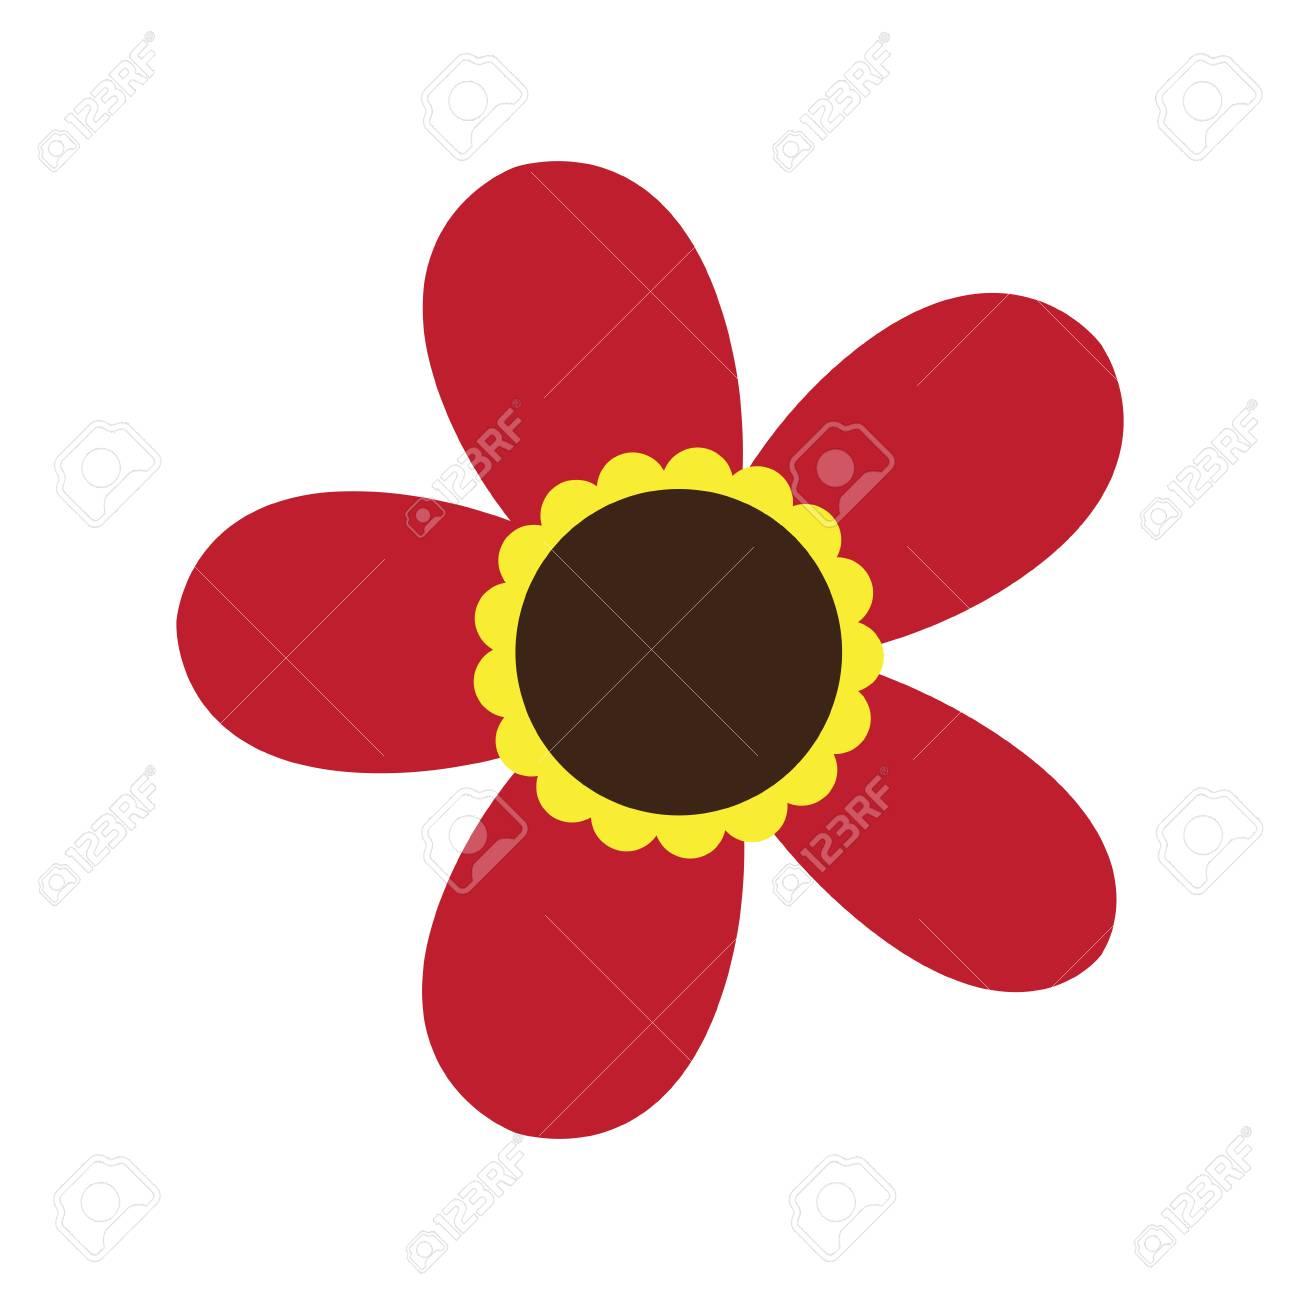 Bildergebnis für blume symbol